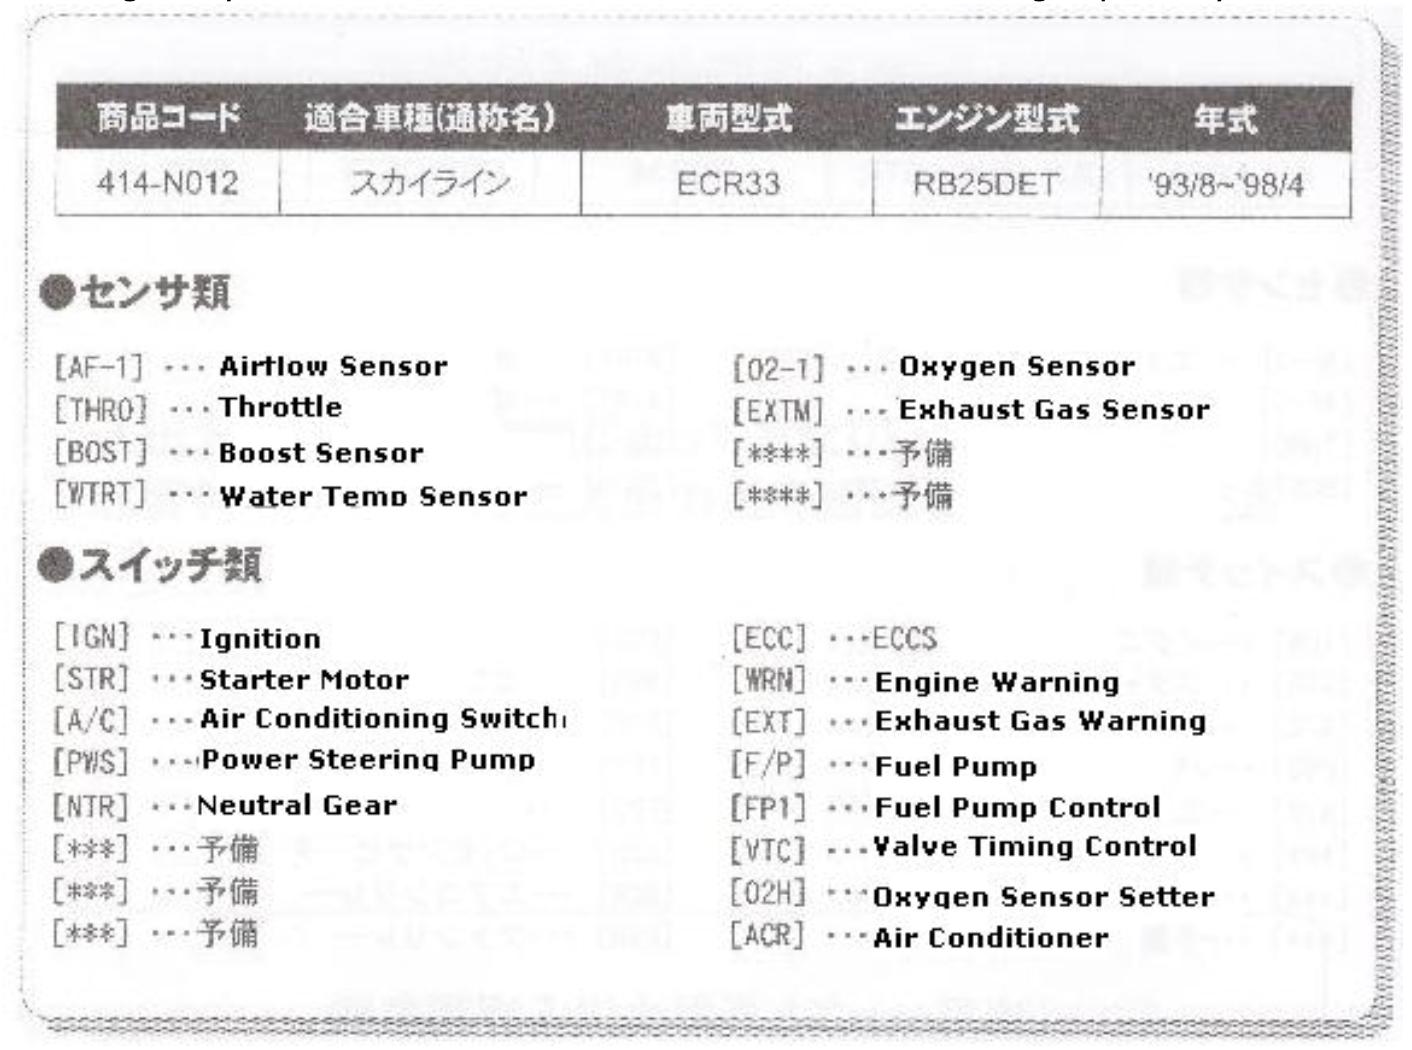 Basic - Checking Sensors